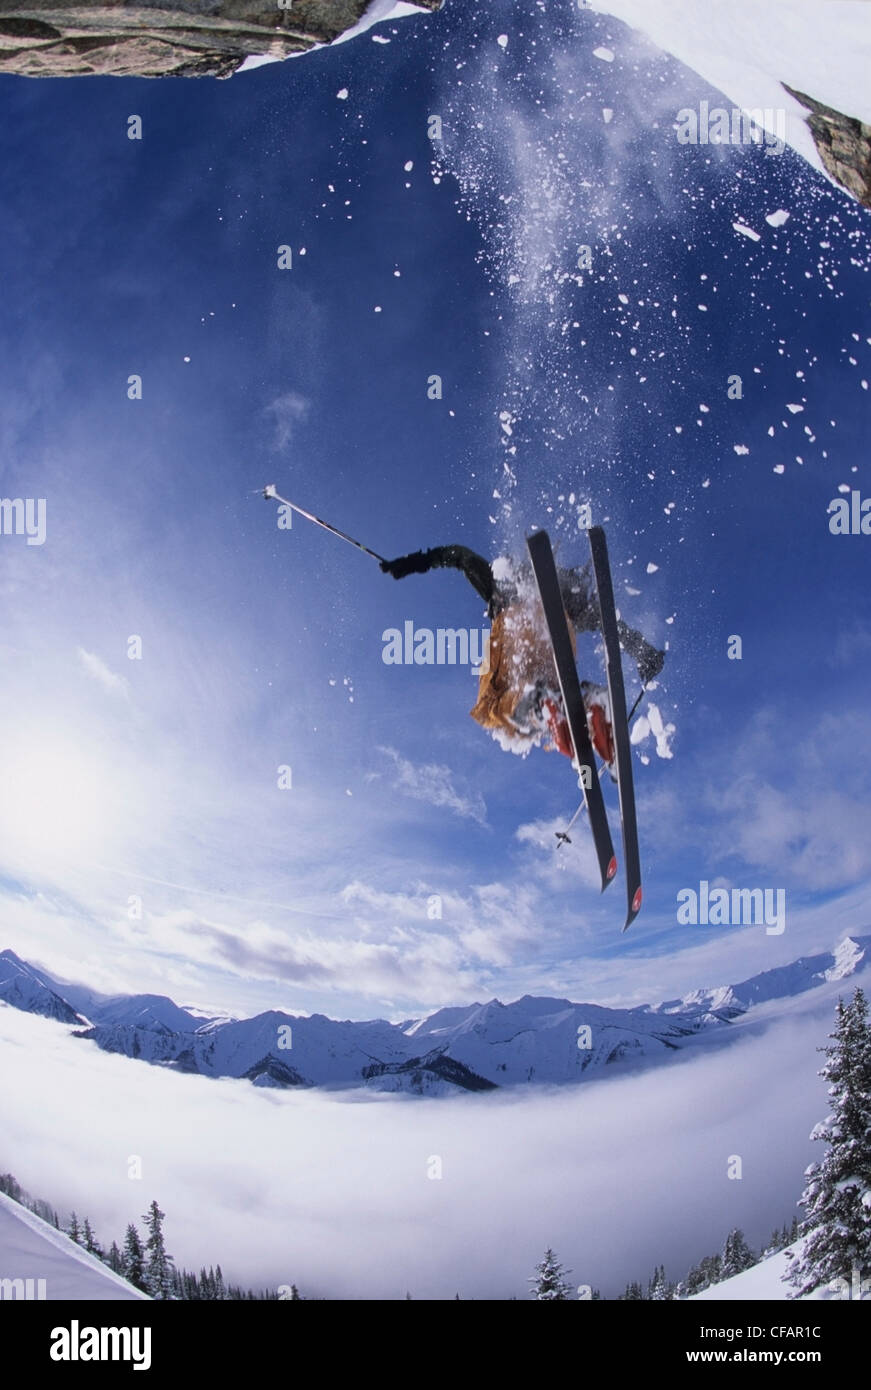 La capture de certains d'un skieur de l'air après le saut d'une falaise dans l'arrière-pays de Kickinghorse Resort Area, Golden, Colombie-Britannique, Canada Banque D'Images